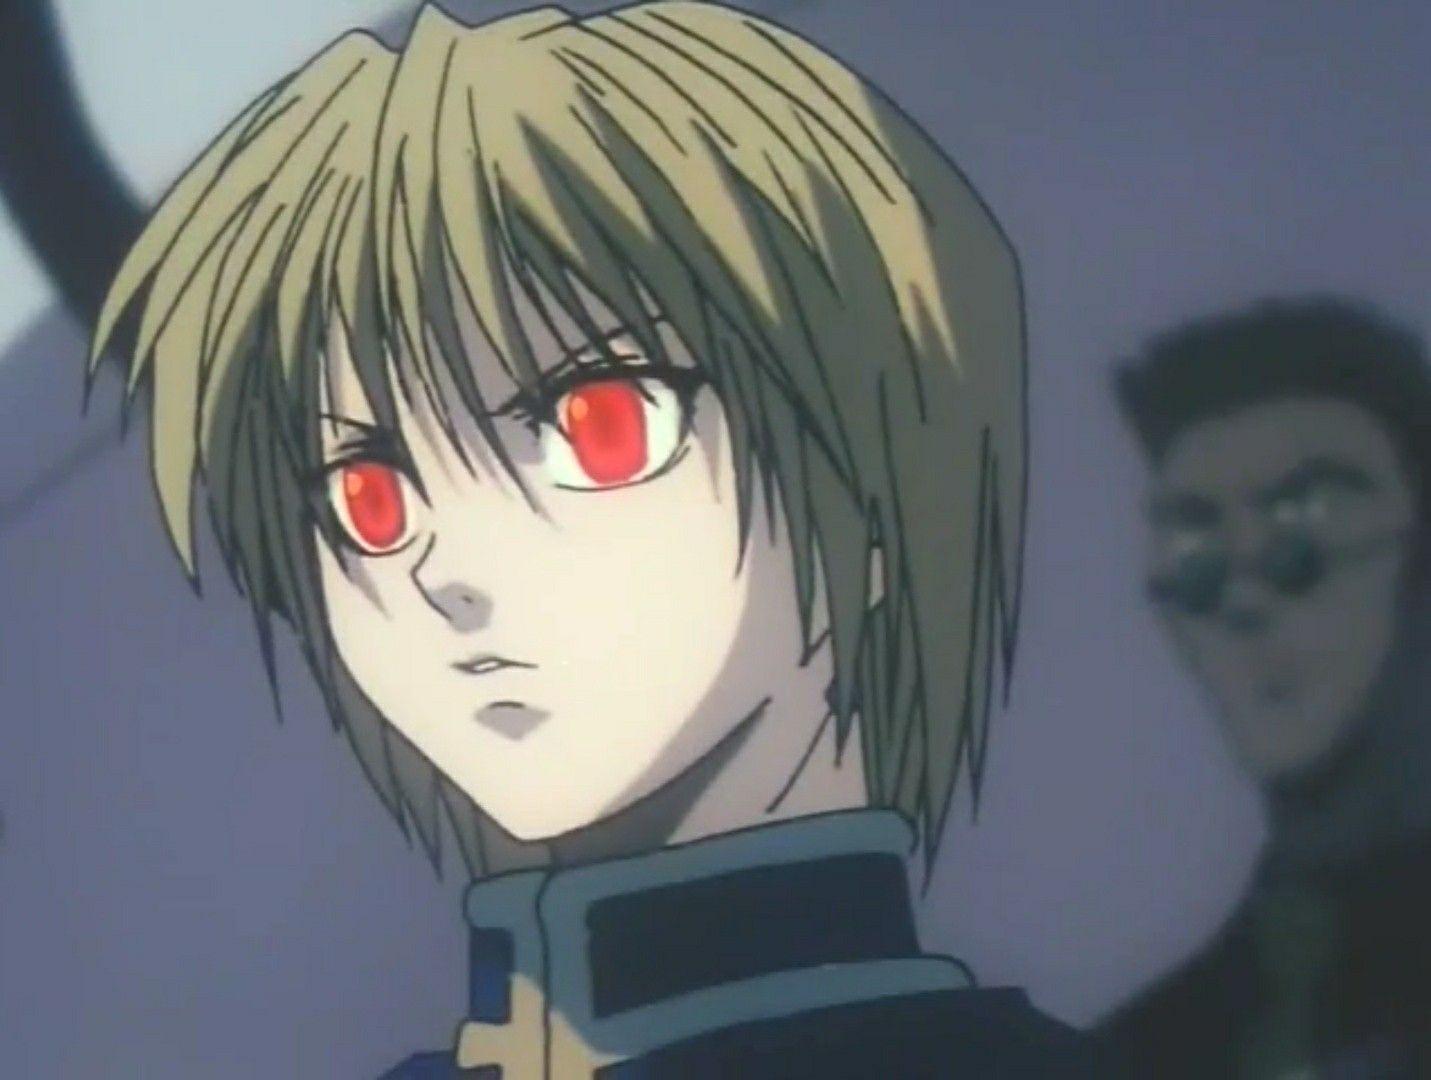 Kurapika Hxh 1999 In 2020 Anime Boyfriend Aesthetic Art Anime